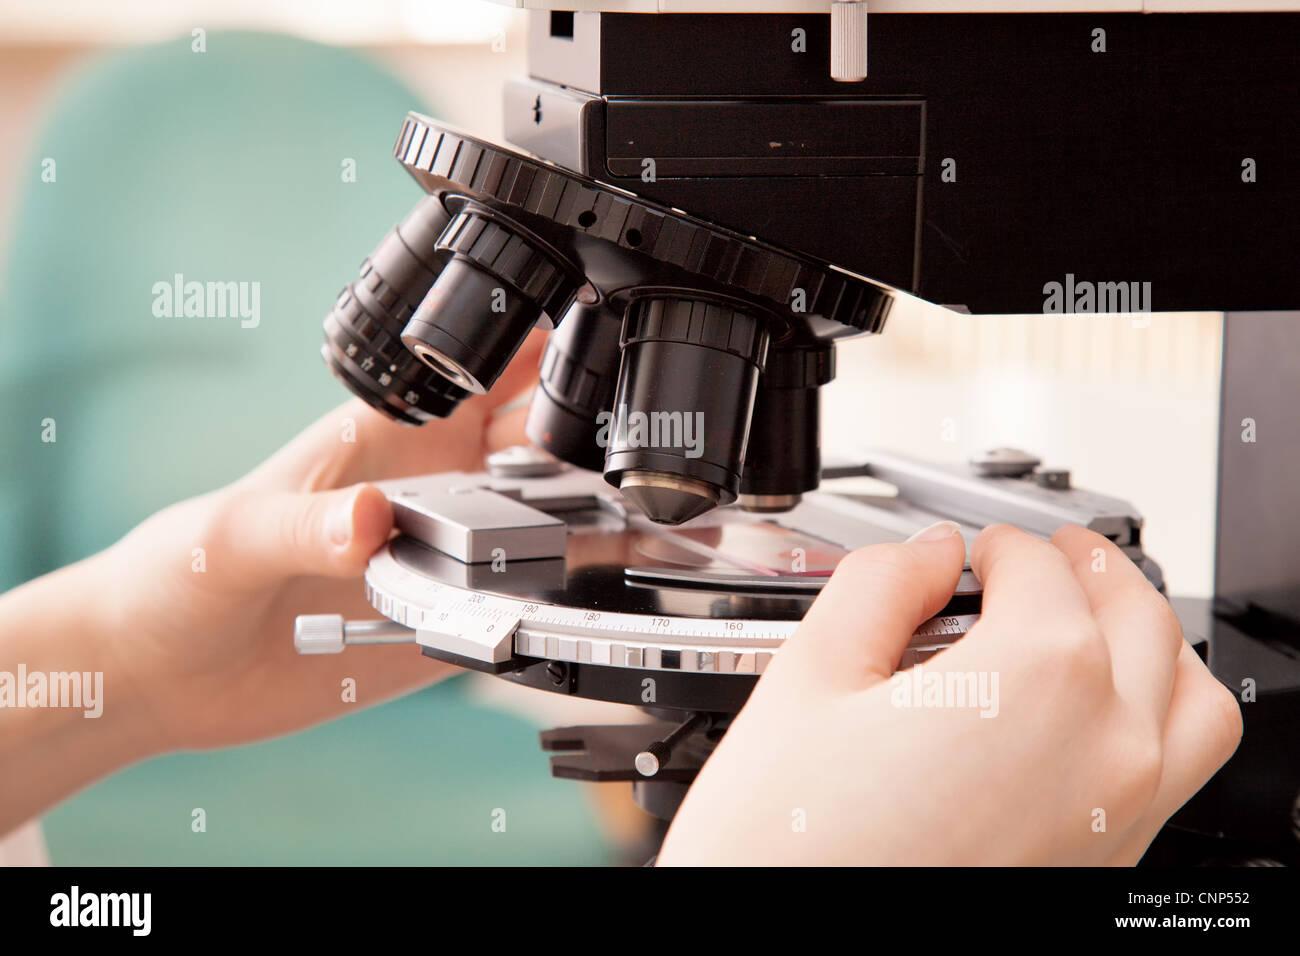 Las manos de los científicos establecieron la placa del objeto en el microscopio. Imagen De Stock